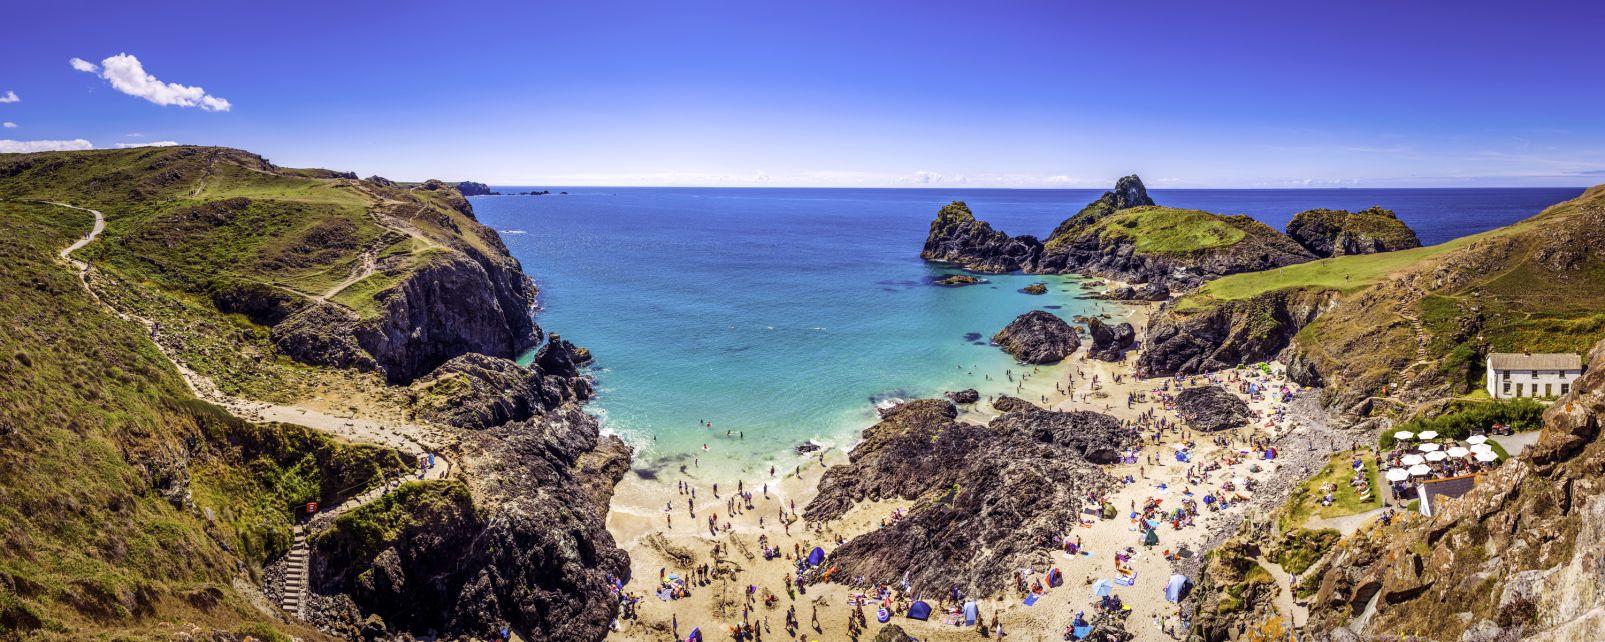 Les côtes de Cornouailles , La Cornouailles en Angleterre , Royaume-Uni